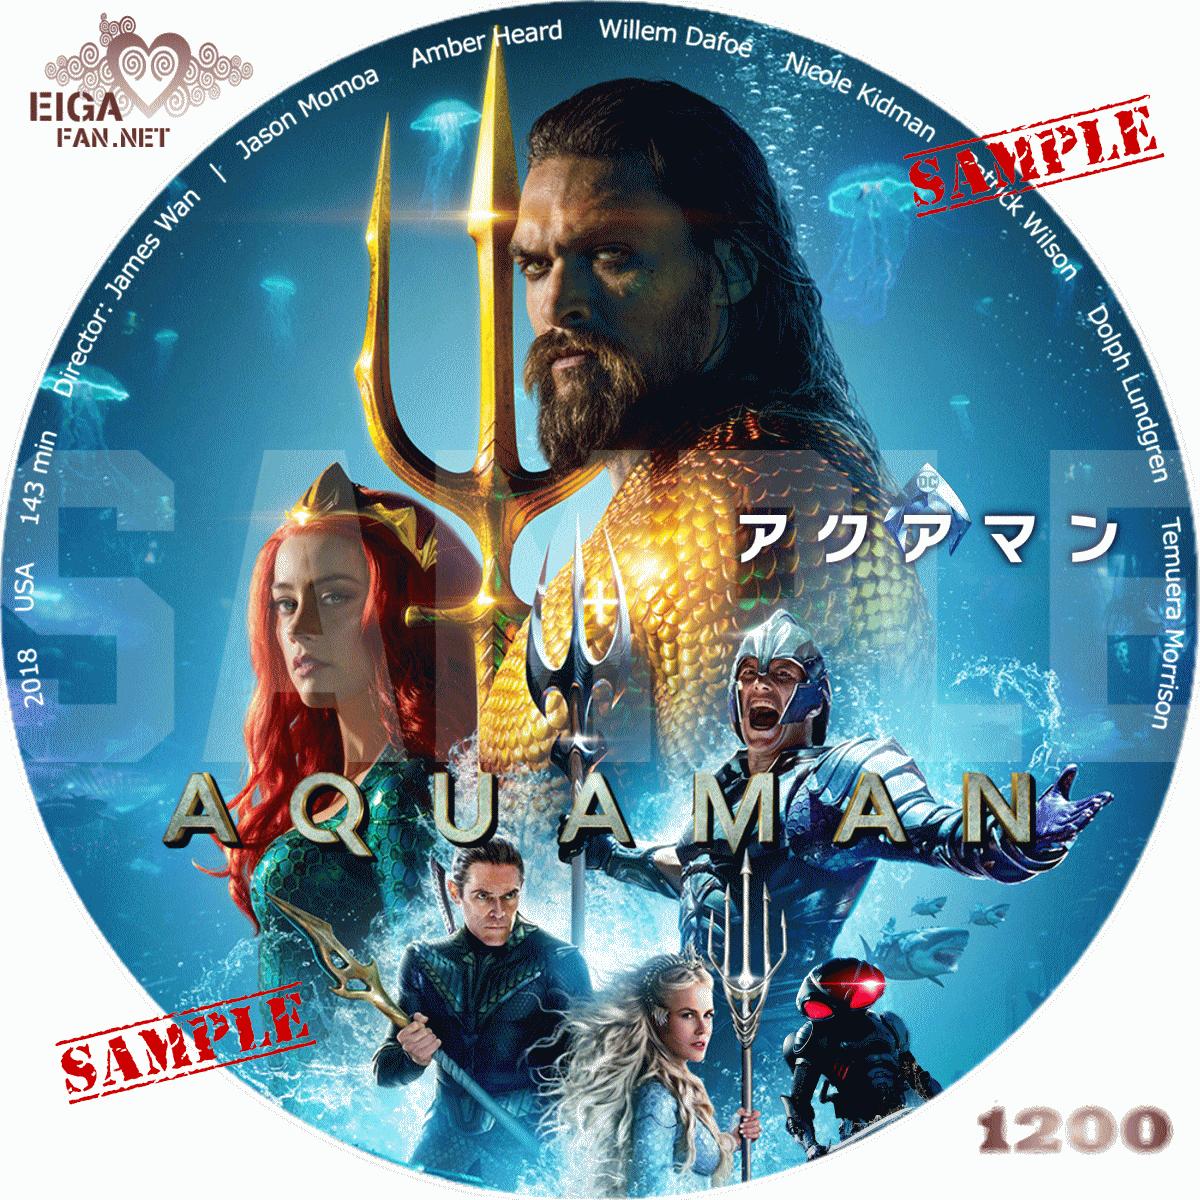 アクアマン/AQUAMAN (2018)      アメコミ映画の自作DVDラベル&BDラベル      ジェイソン・モモア主演アクアマン 第1作